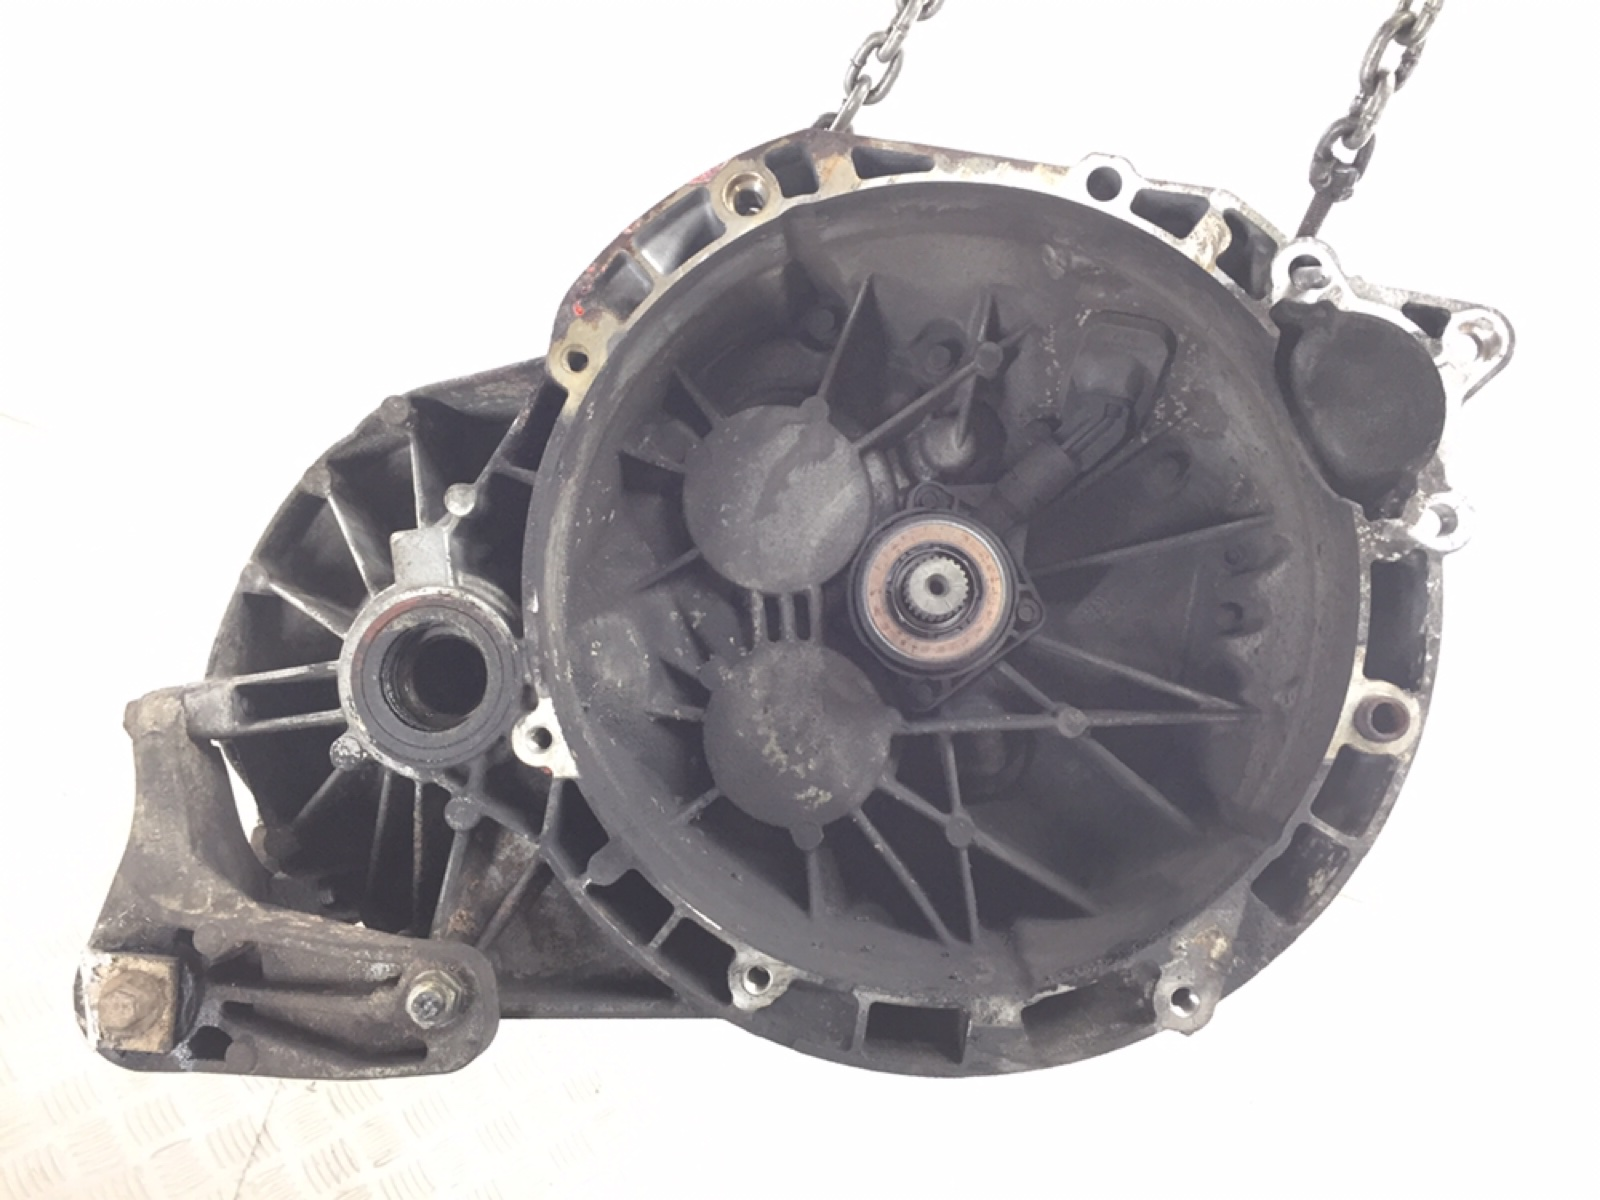 Кпп механическая (мкпп) Ford Mondeo 2.0 TDCI 2007 (б/у)